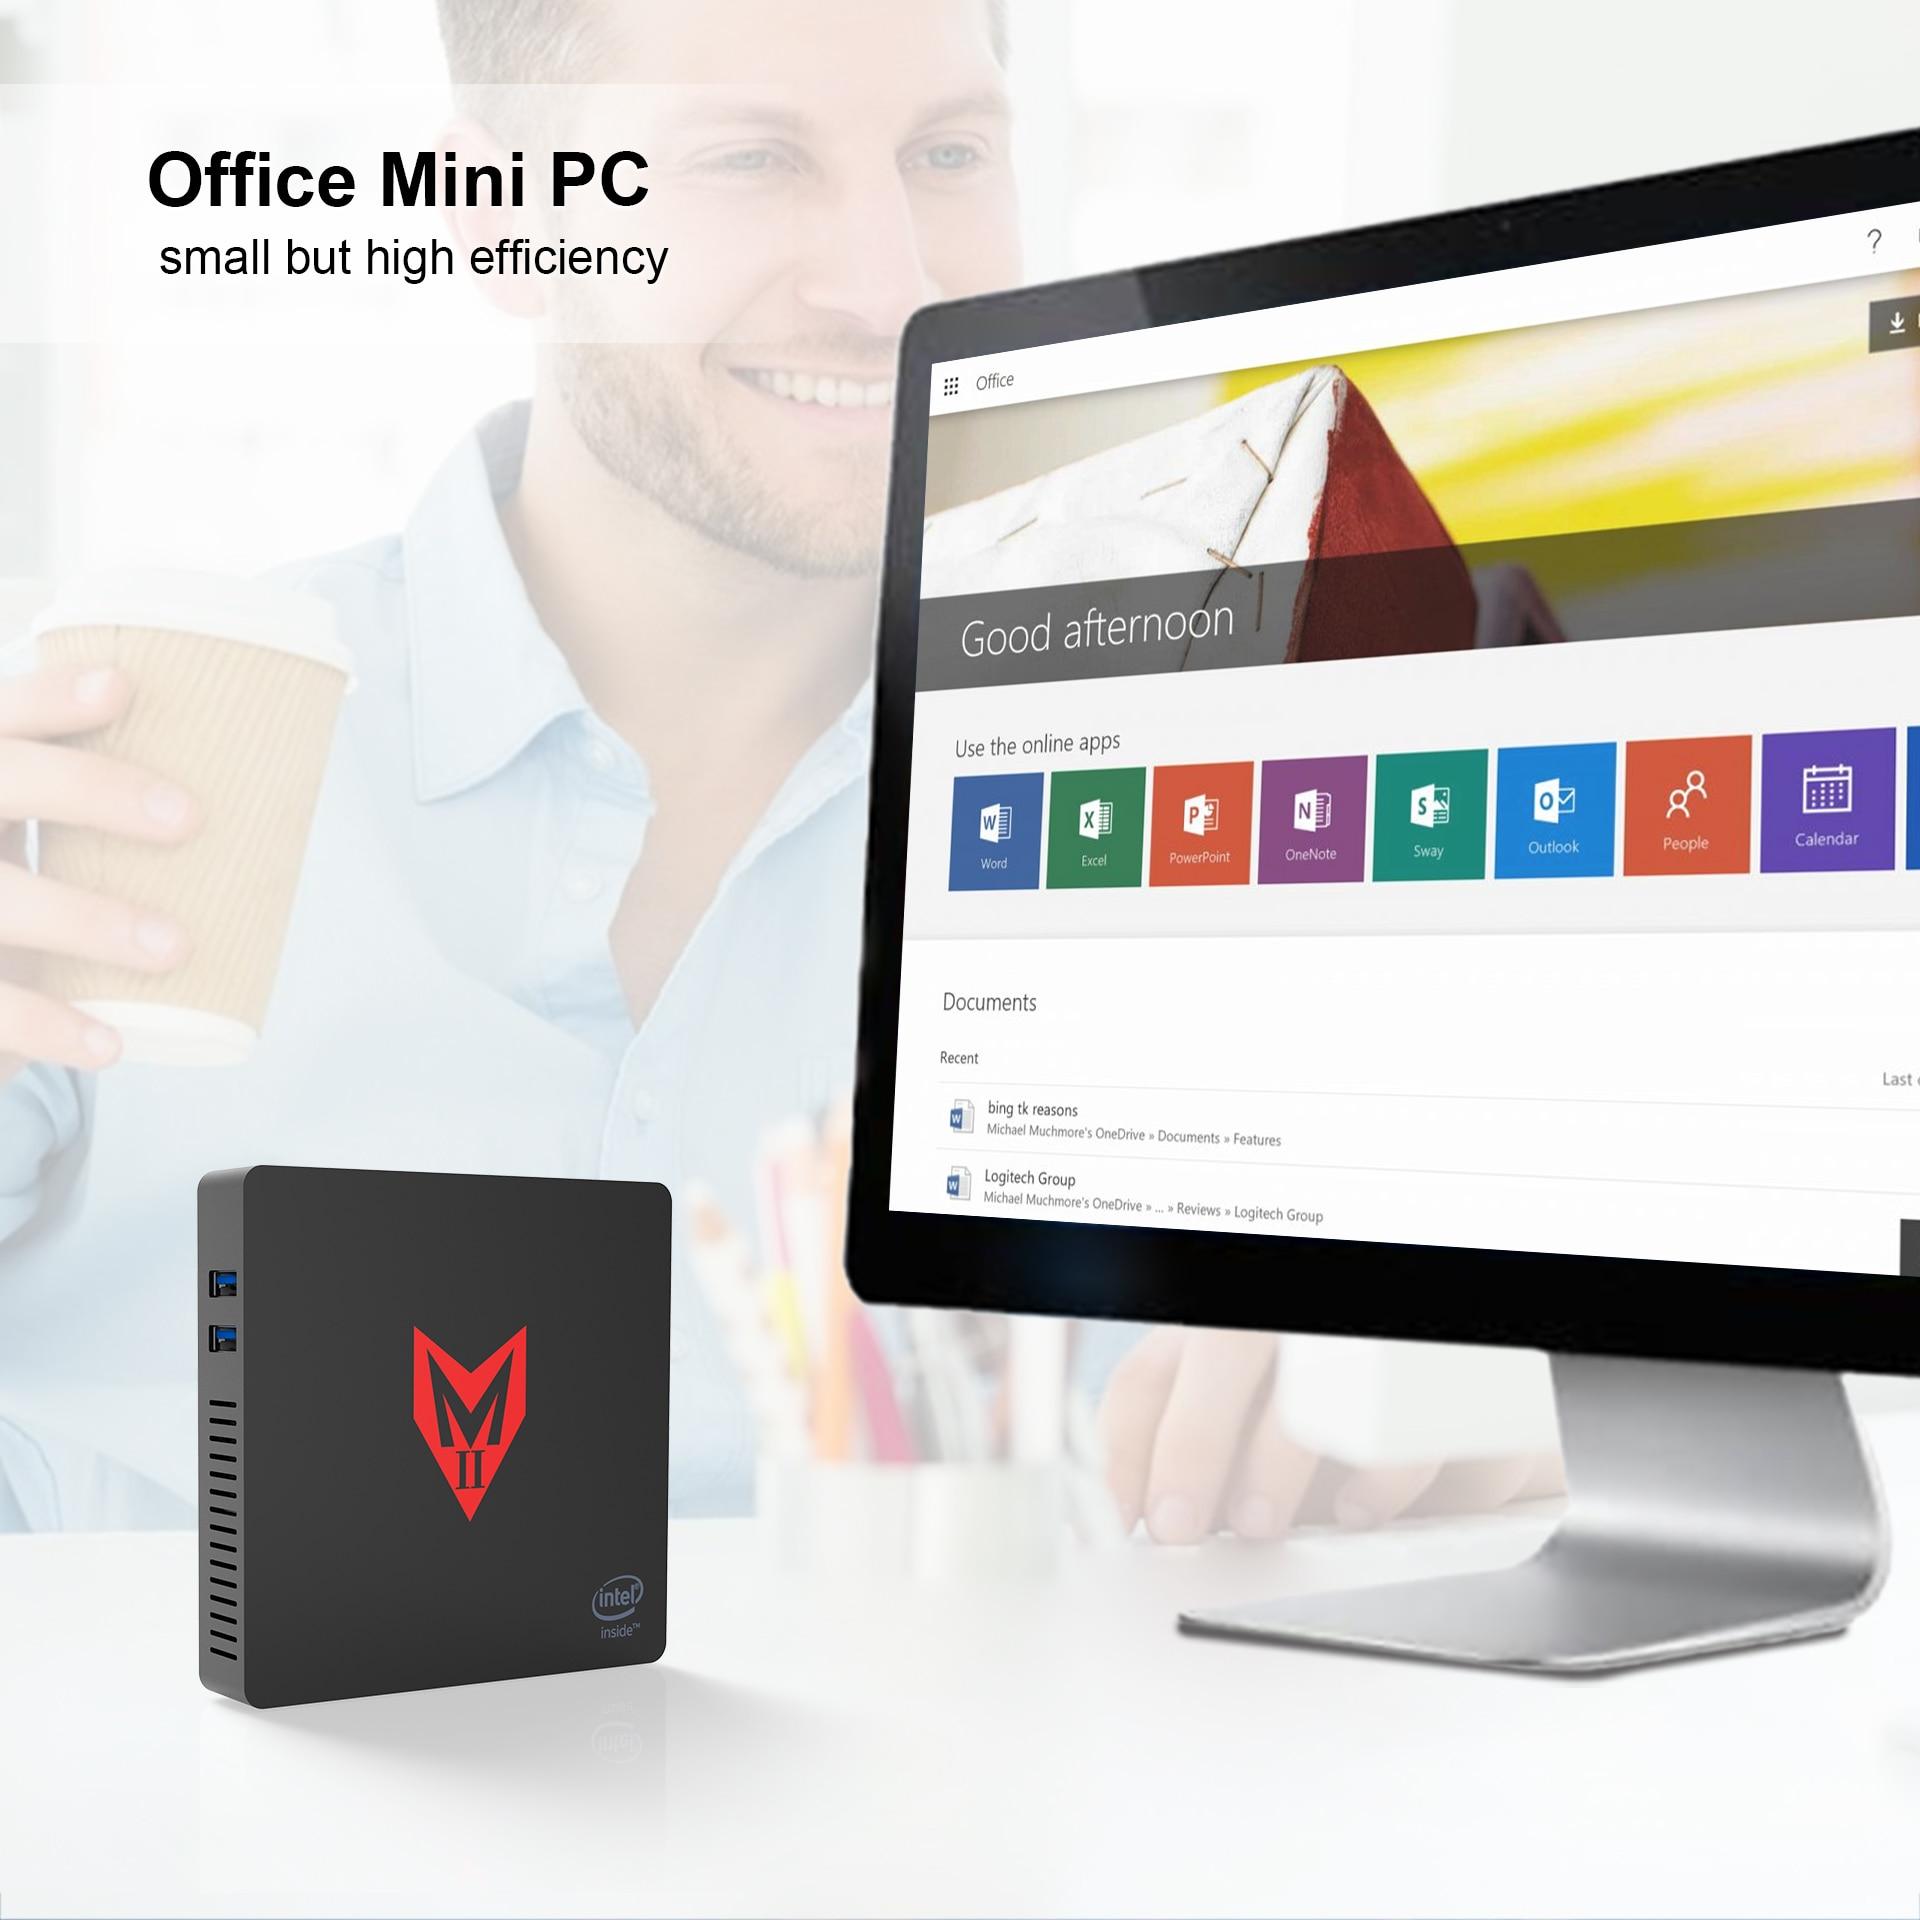 2020 MINI PC WIN10 Model MII-V Top Selling MII VER 1 Processor J3355 HD Graphics 500 4GB+64G BT 4.0 MINI PC